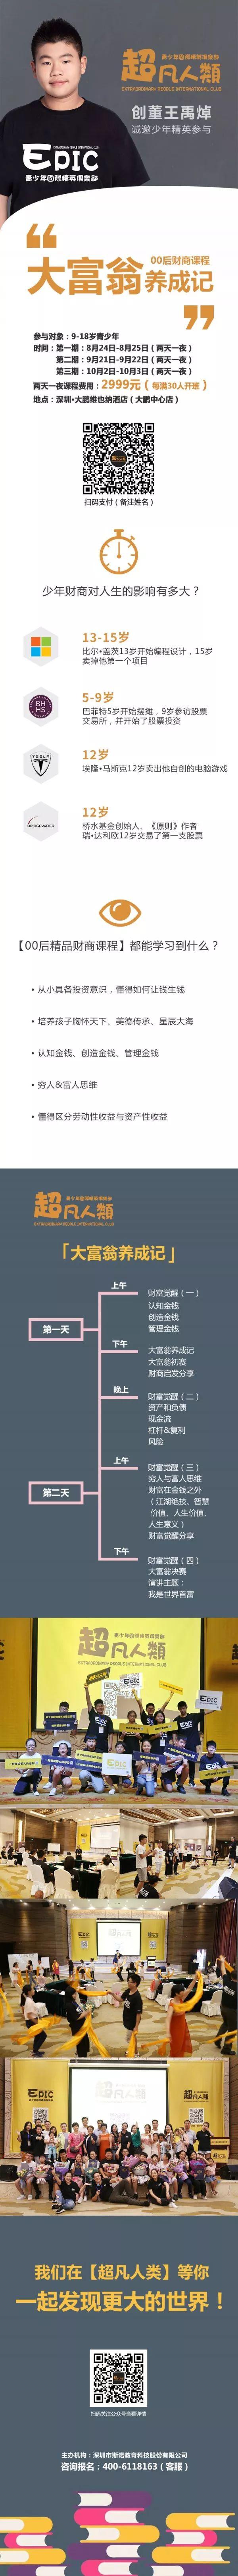 12岁超凡演讲者宁梓皓:不鸣则已一鸣惊人!插图(7)